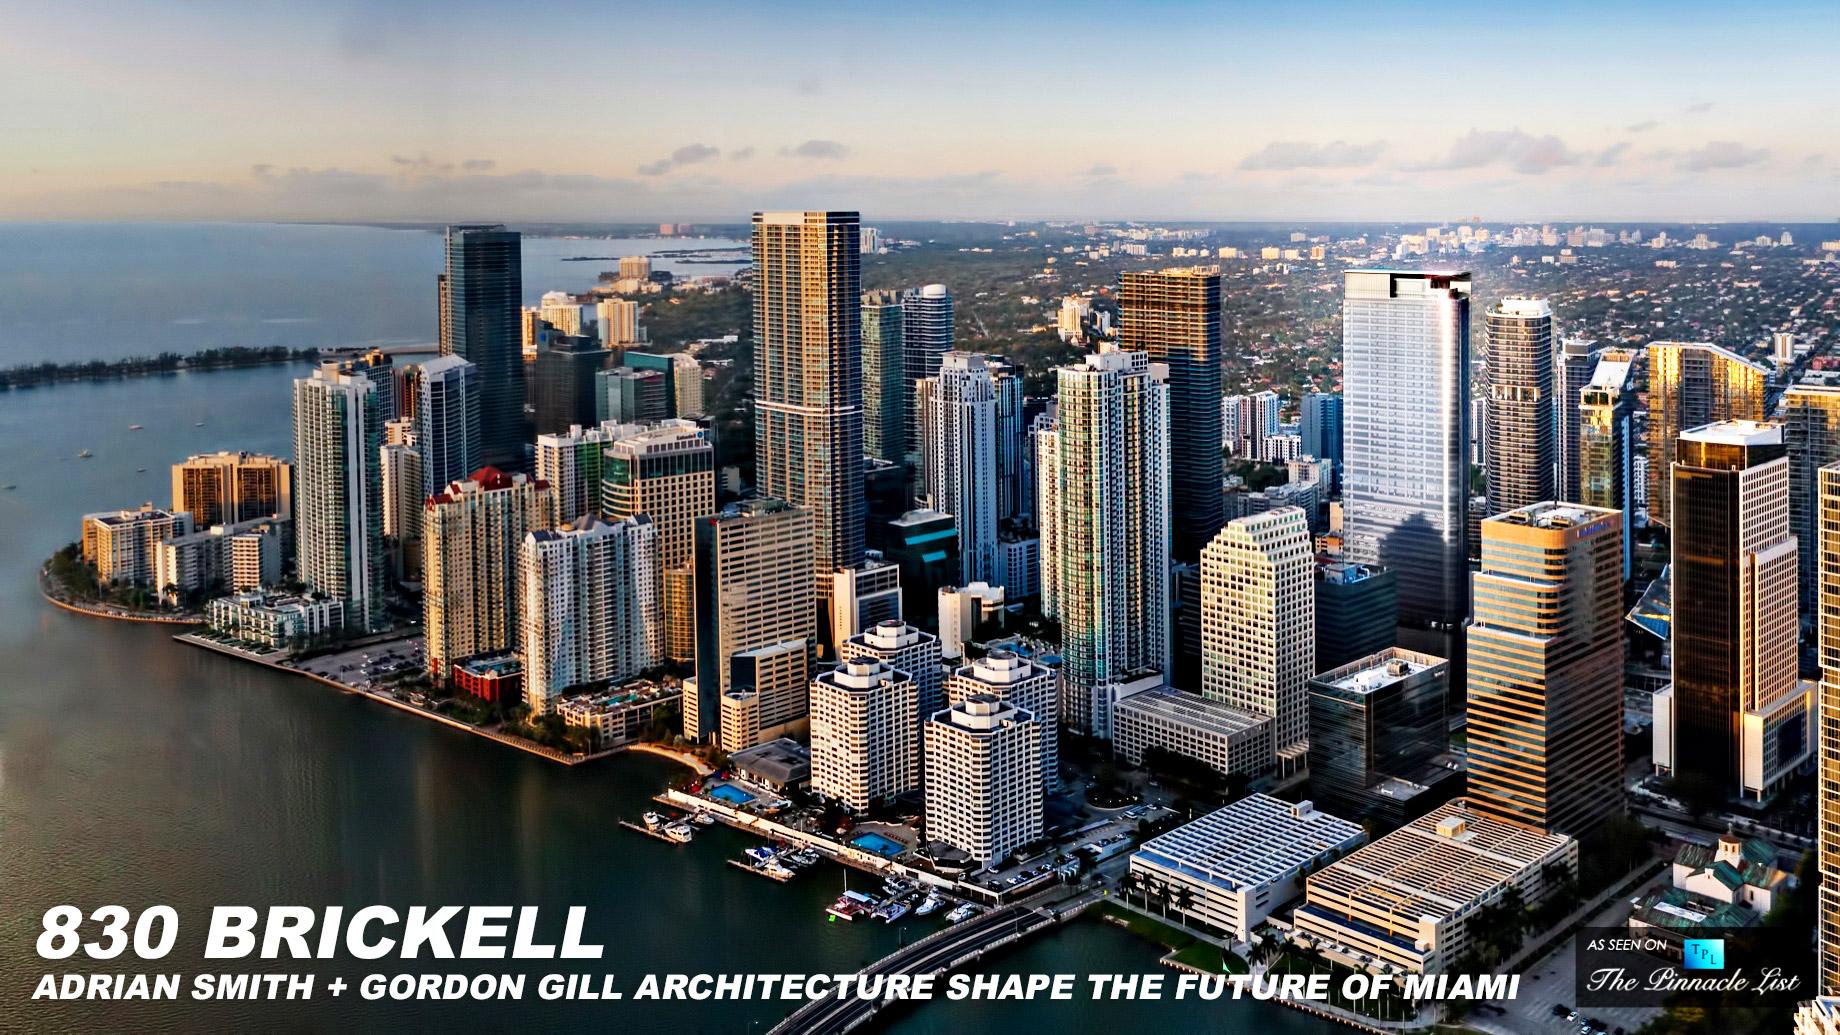 830 Brickell - Adrian Smith + Gordon Gill Architecture Shape the Future of Miami